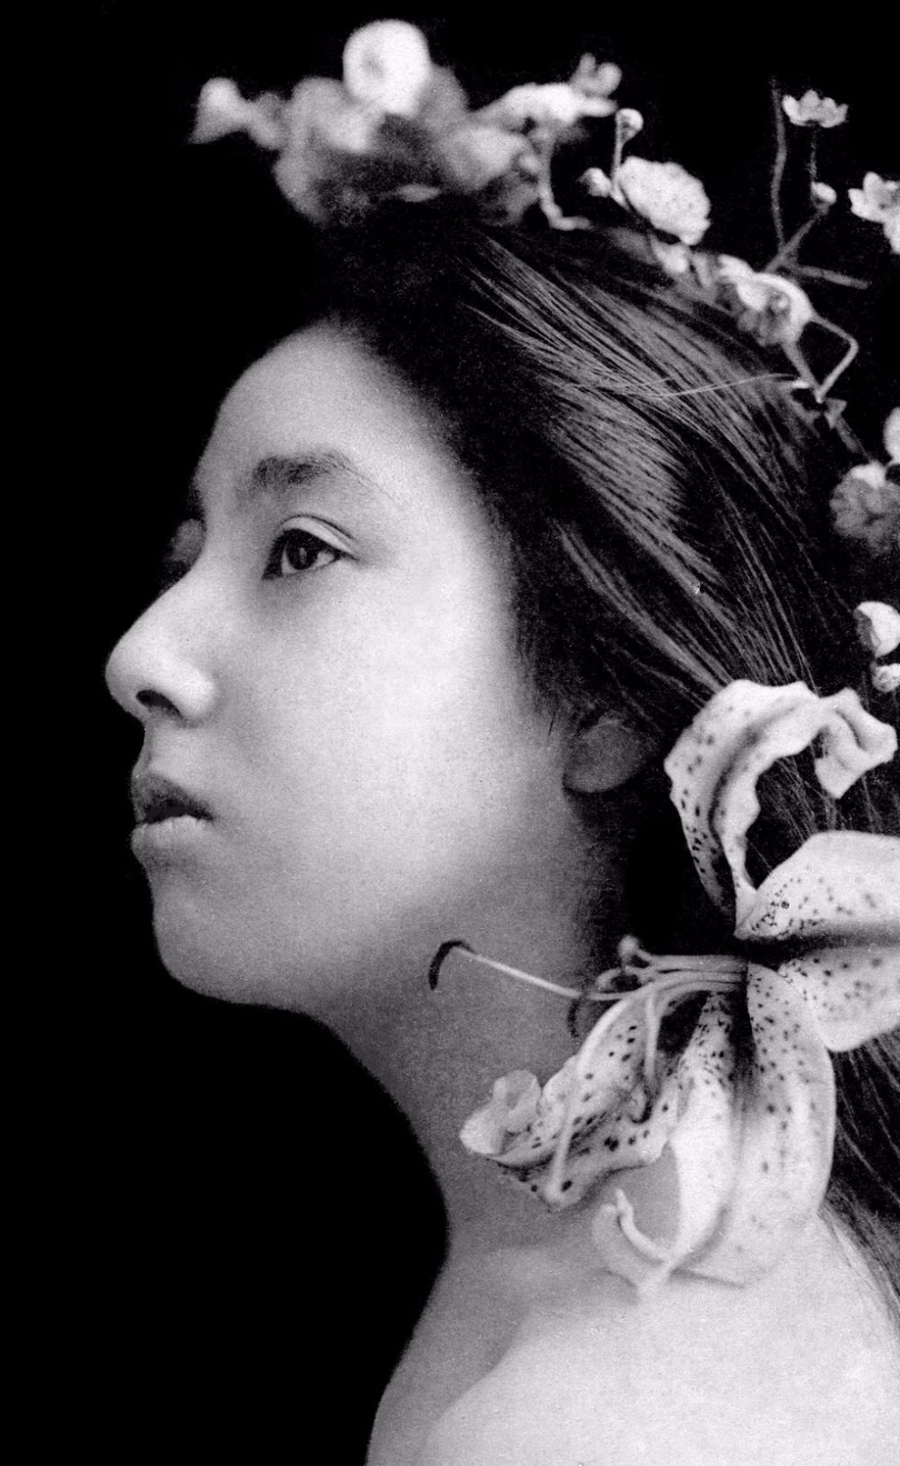 Молодые гейши в студийных портретах 1900-х годов